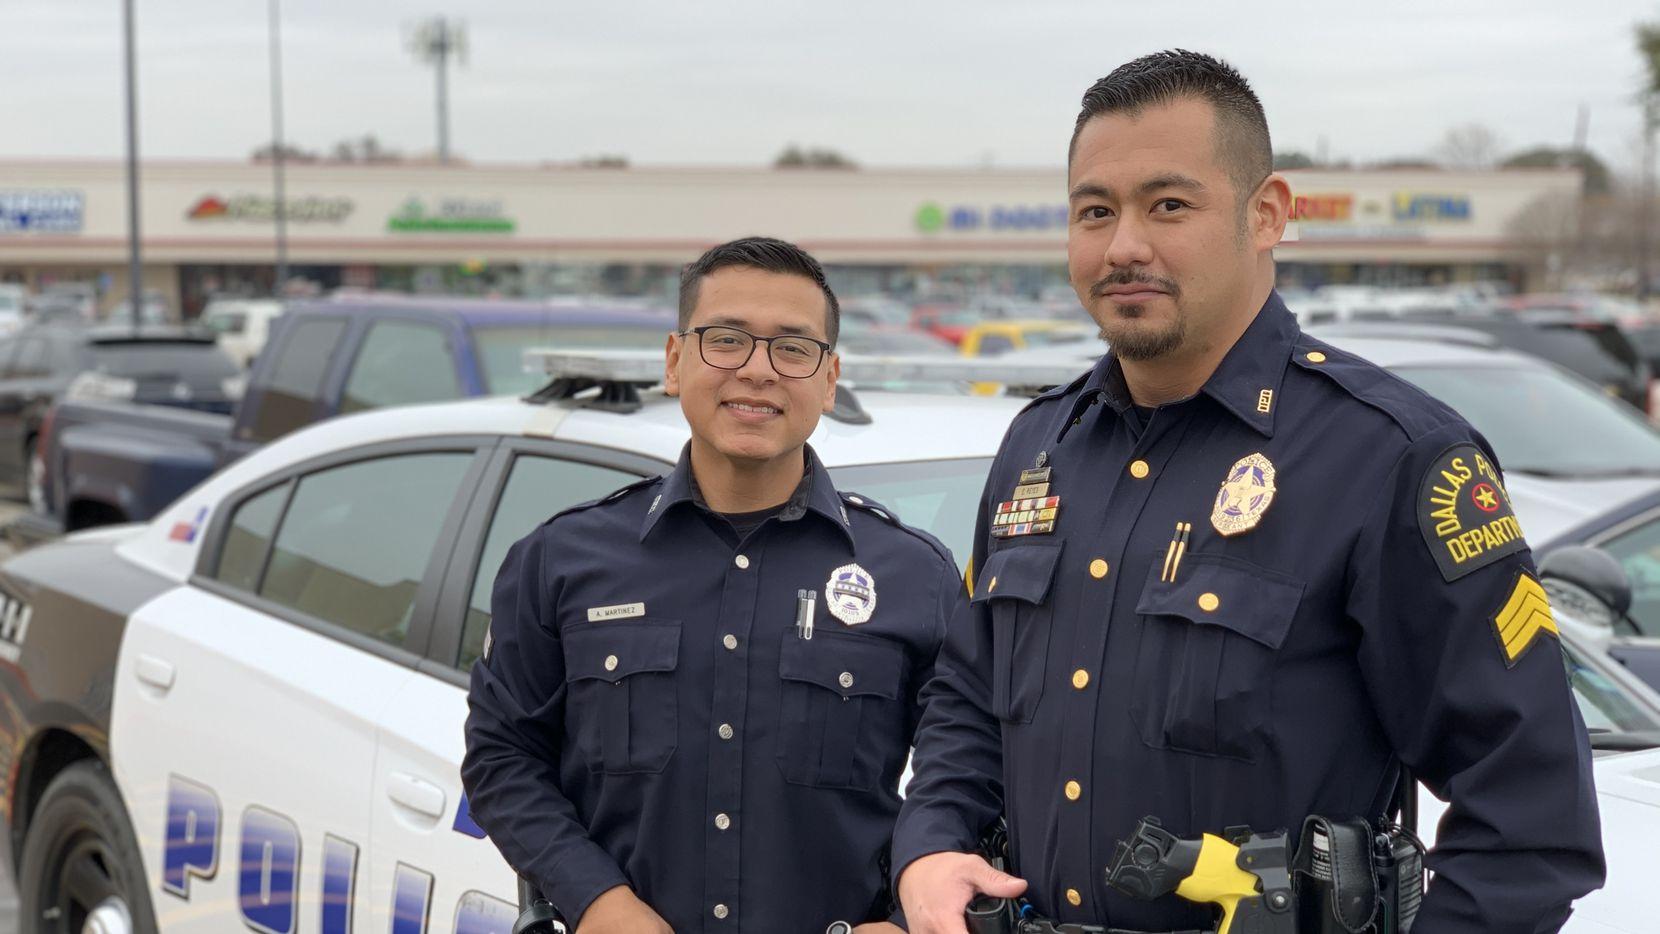 Arturo Martínez (izquierda) y Edward Reyes (derecha) son los nuevos líderes de Unidos, el programa de la Policía de Dallas para la comunidad latina.